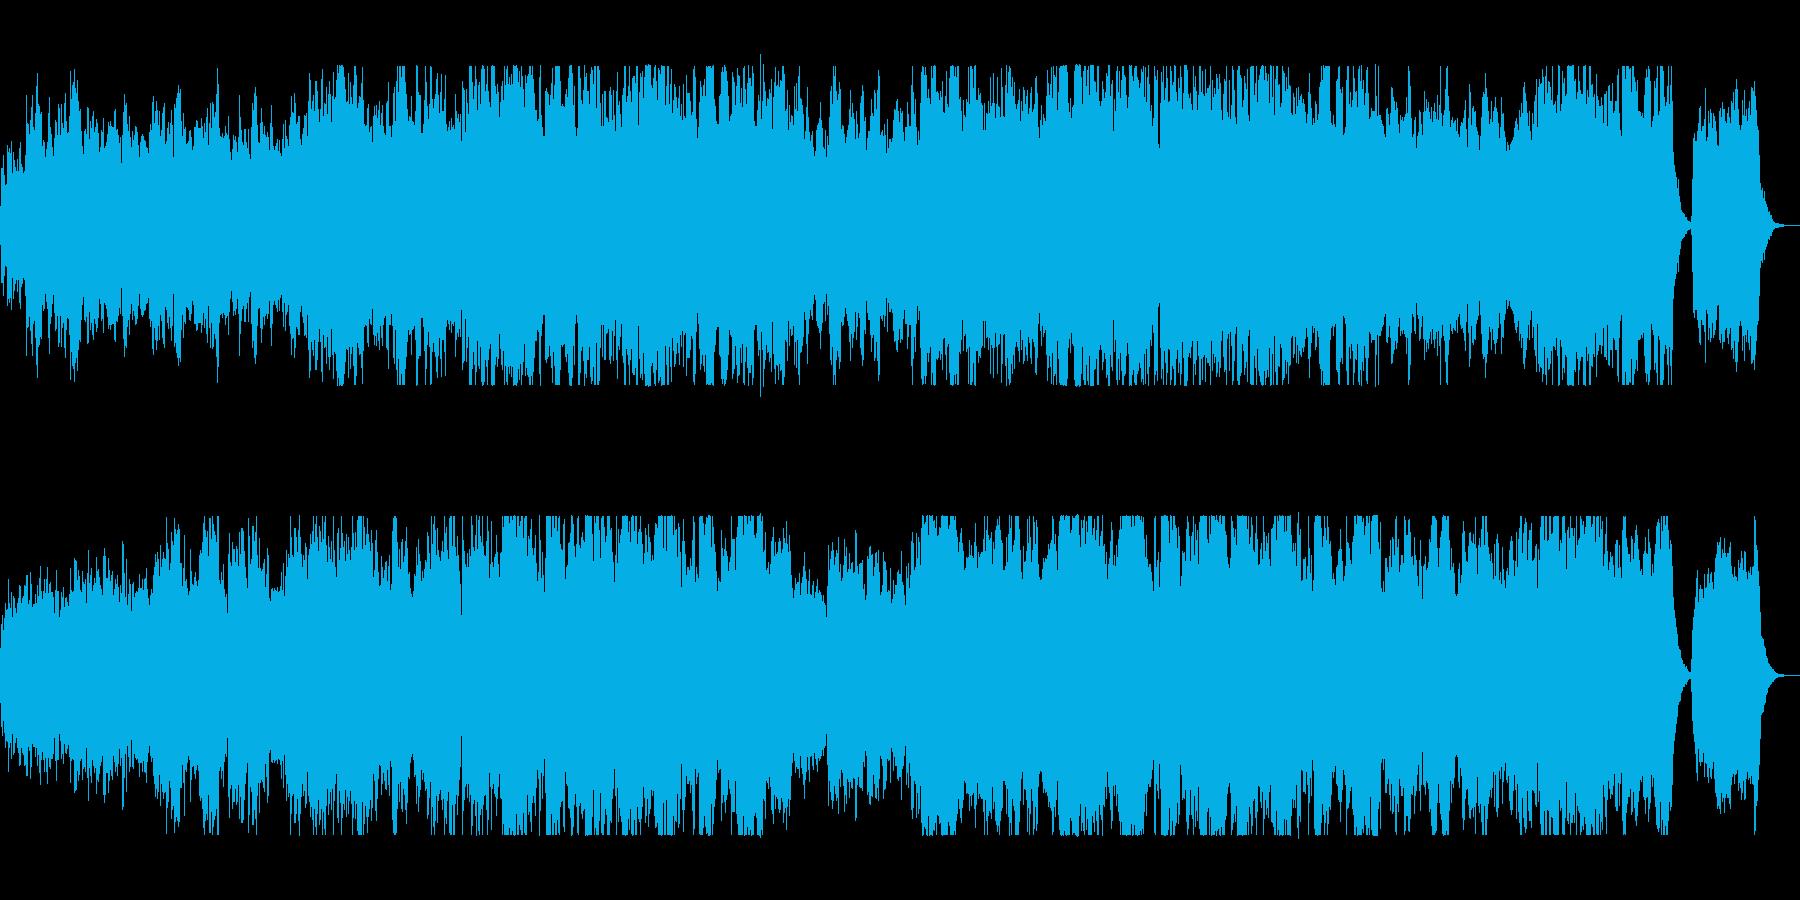 盛大で明るい弦打楽器シンセサウンドの再生済みの波形